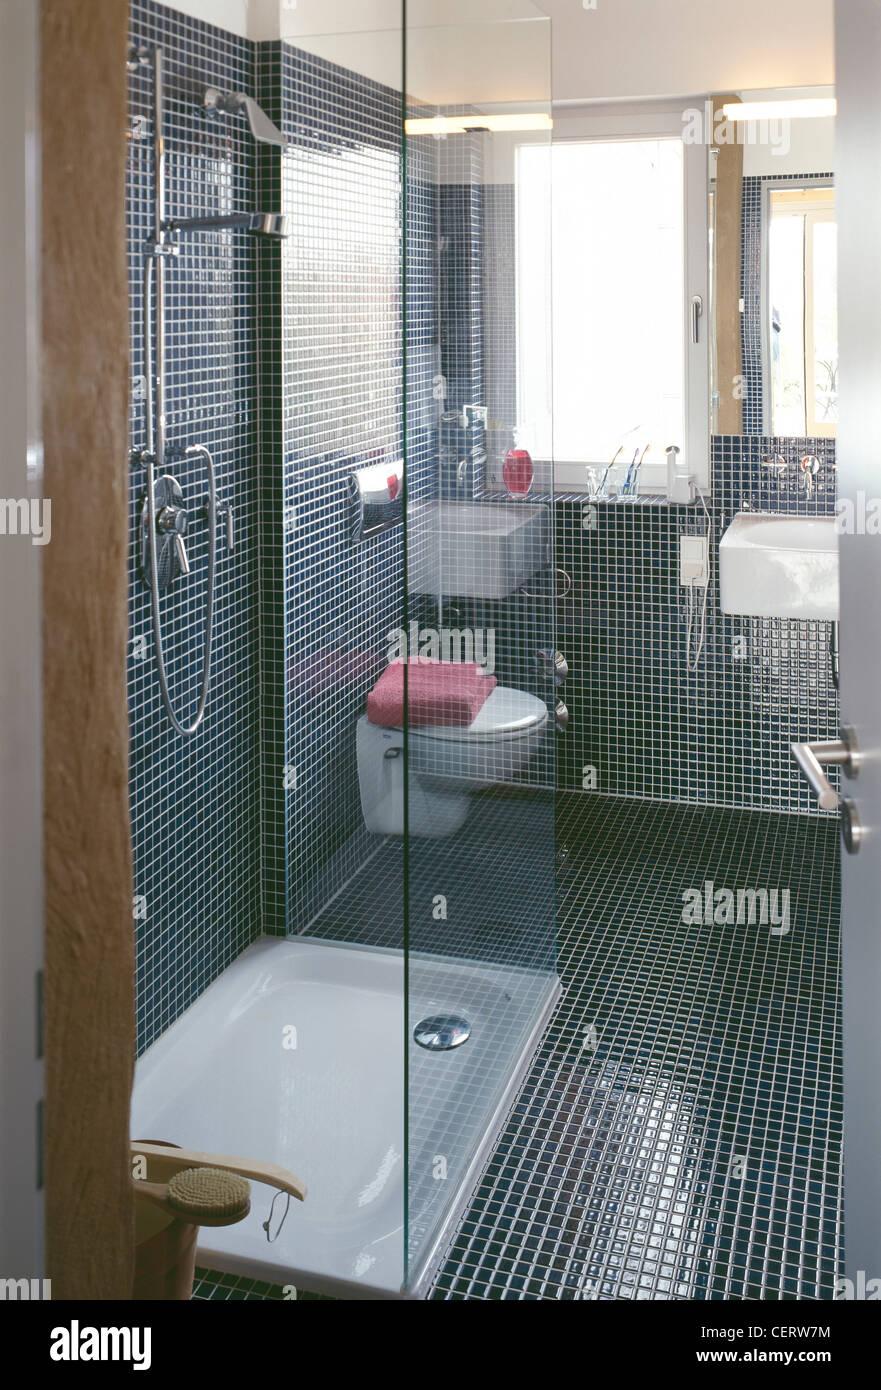 salle de bains de style moderne des murs de mosa ques floand cabine de douche plateau blanc et. Black Bedroom Furniture Sets. Home Design Ideas